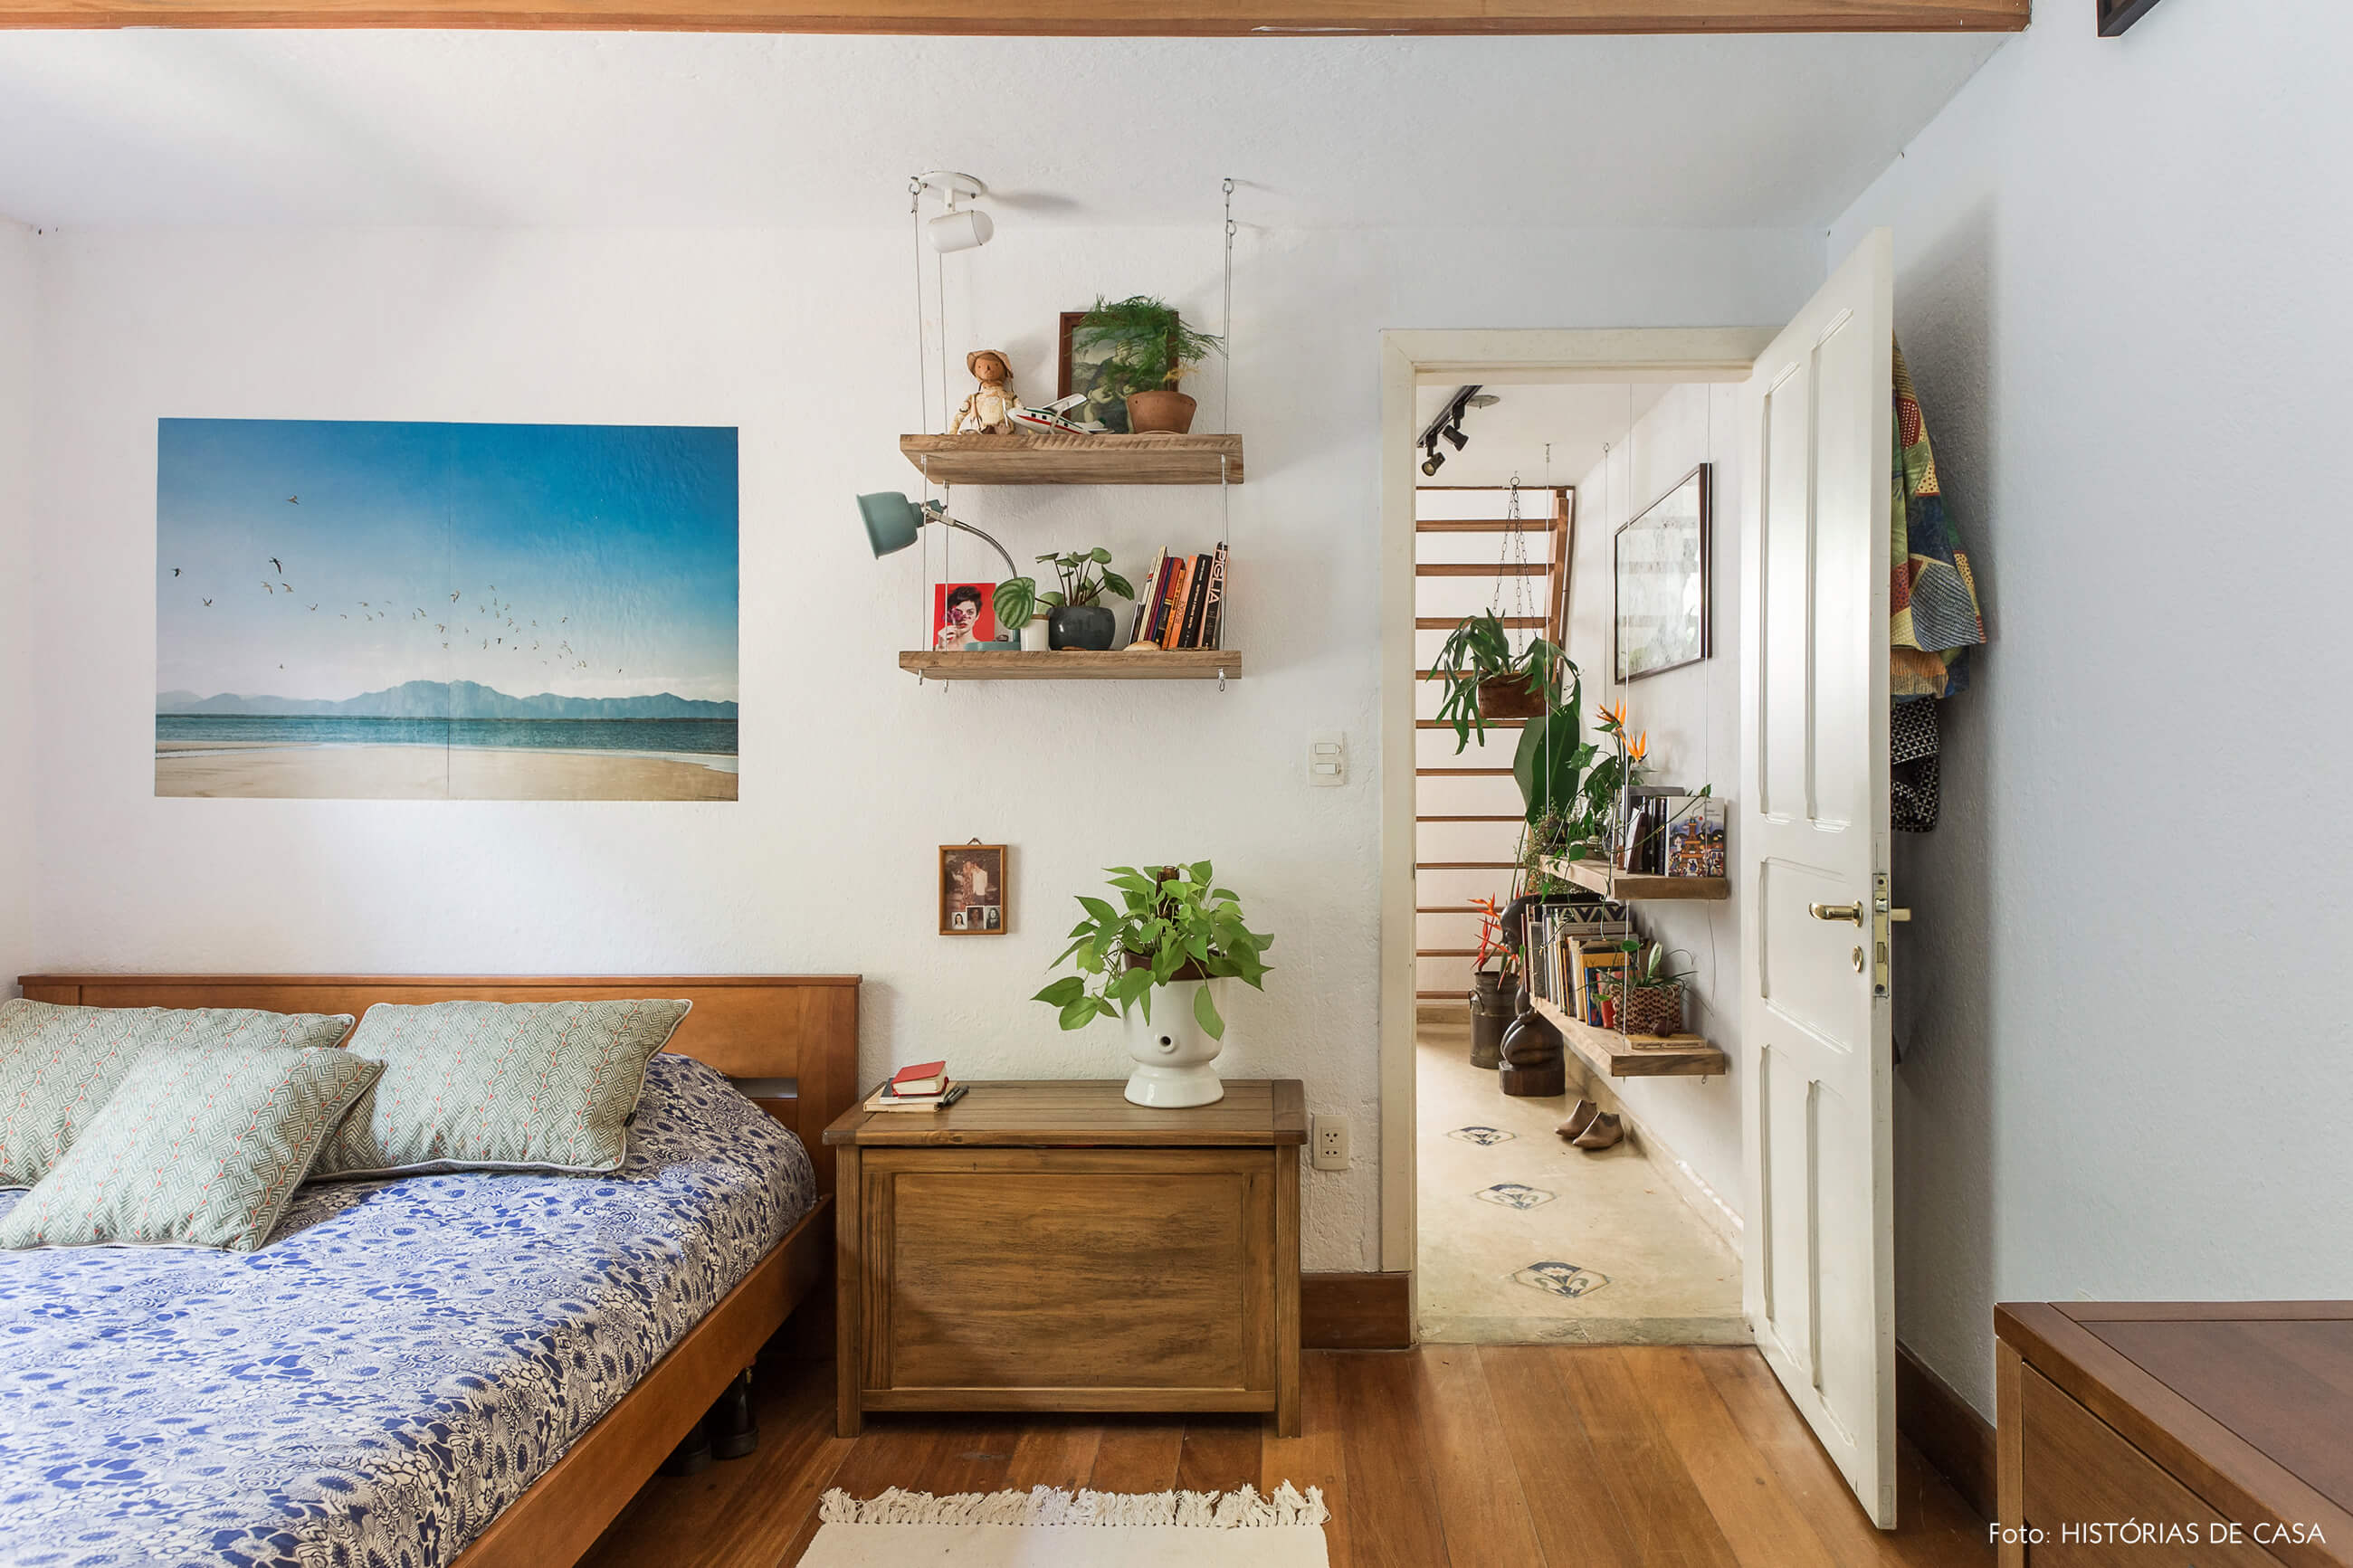 Quarto com móveis antigos de madeira